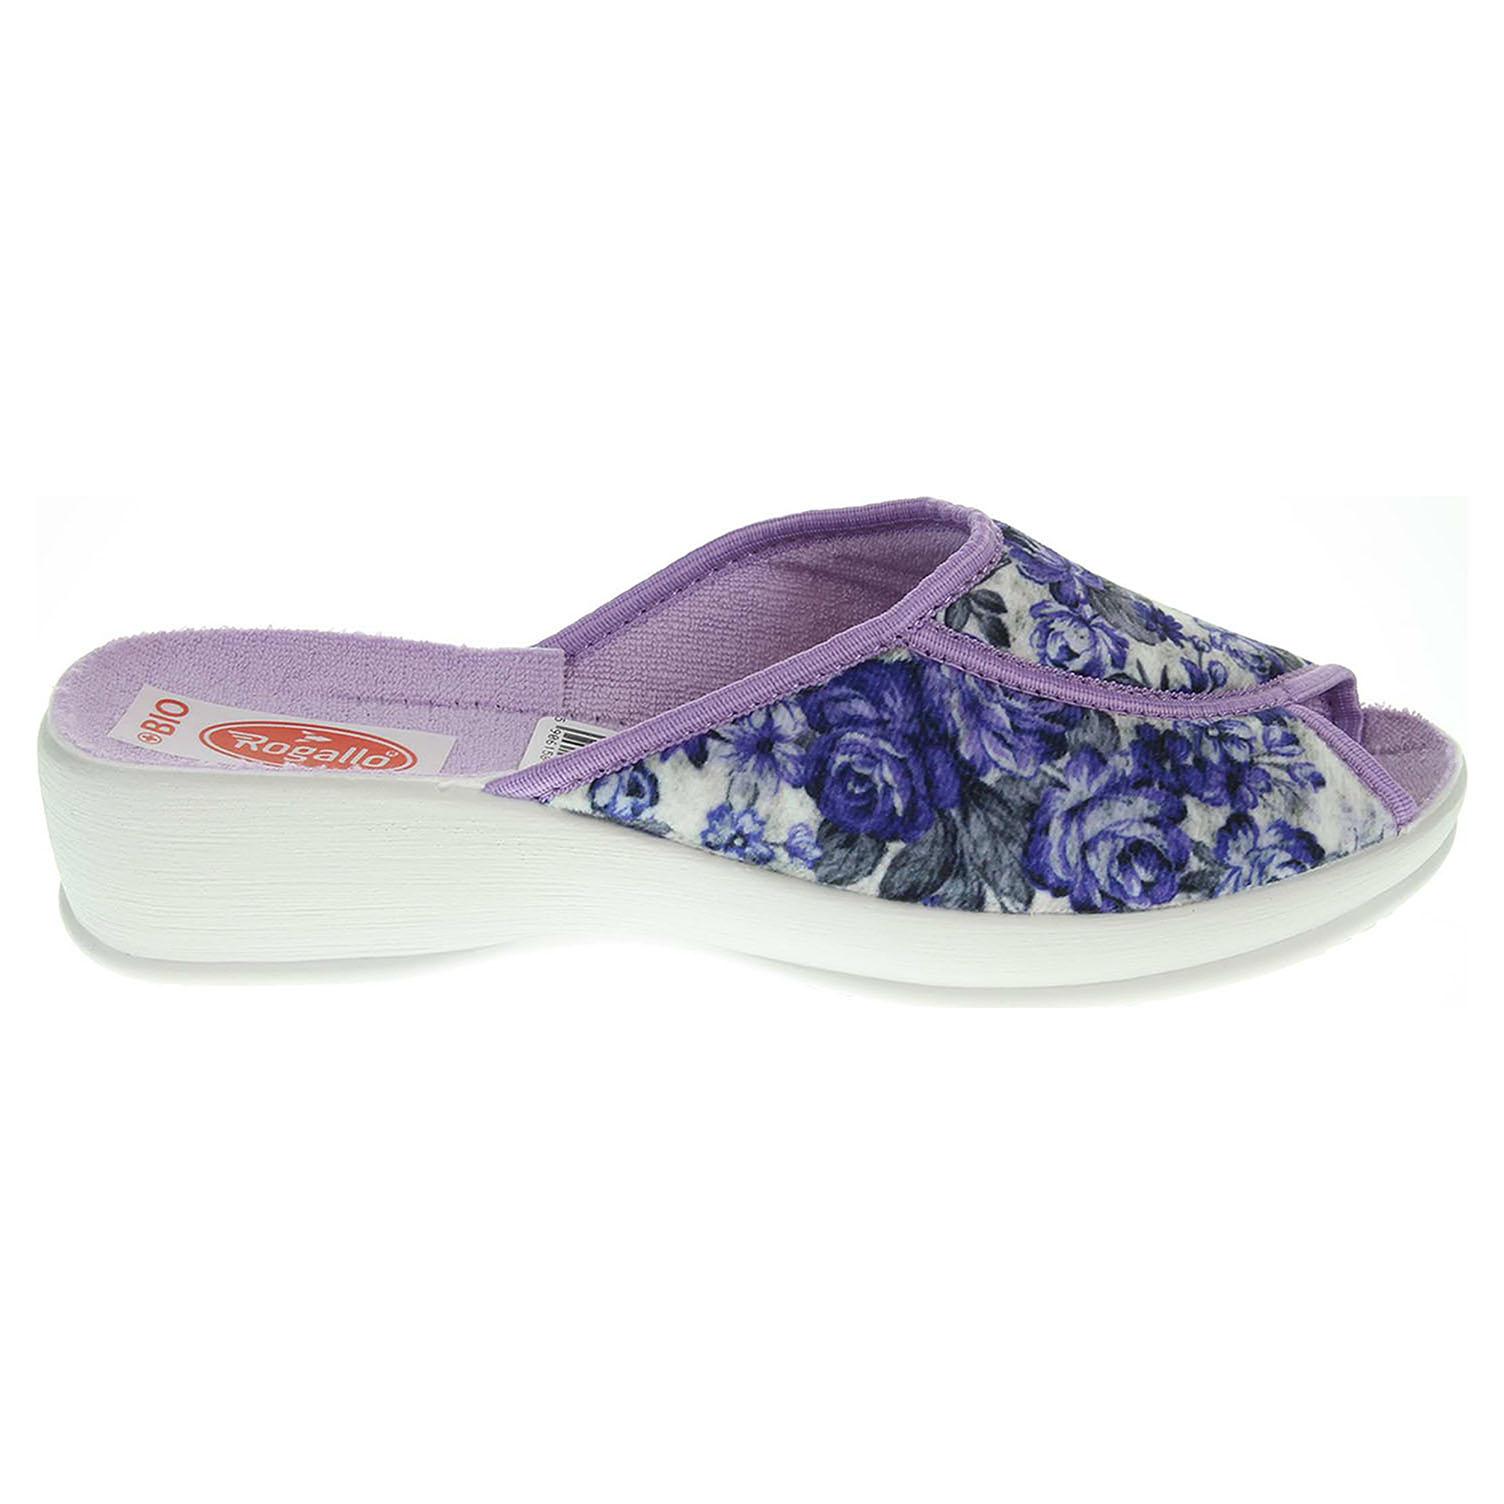 Rogallo dámské domácí pantofle 19424 fialové 41